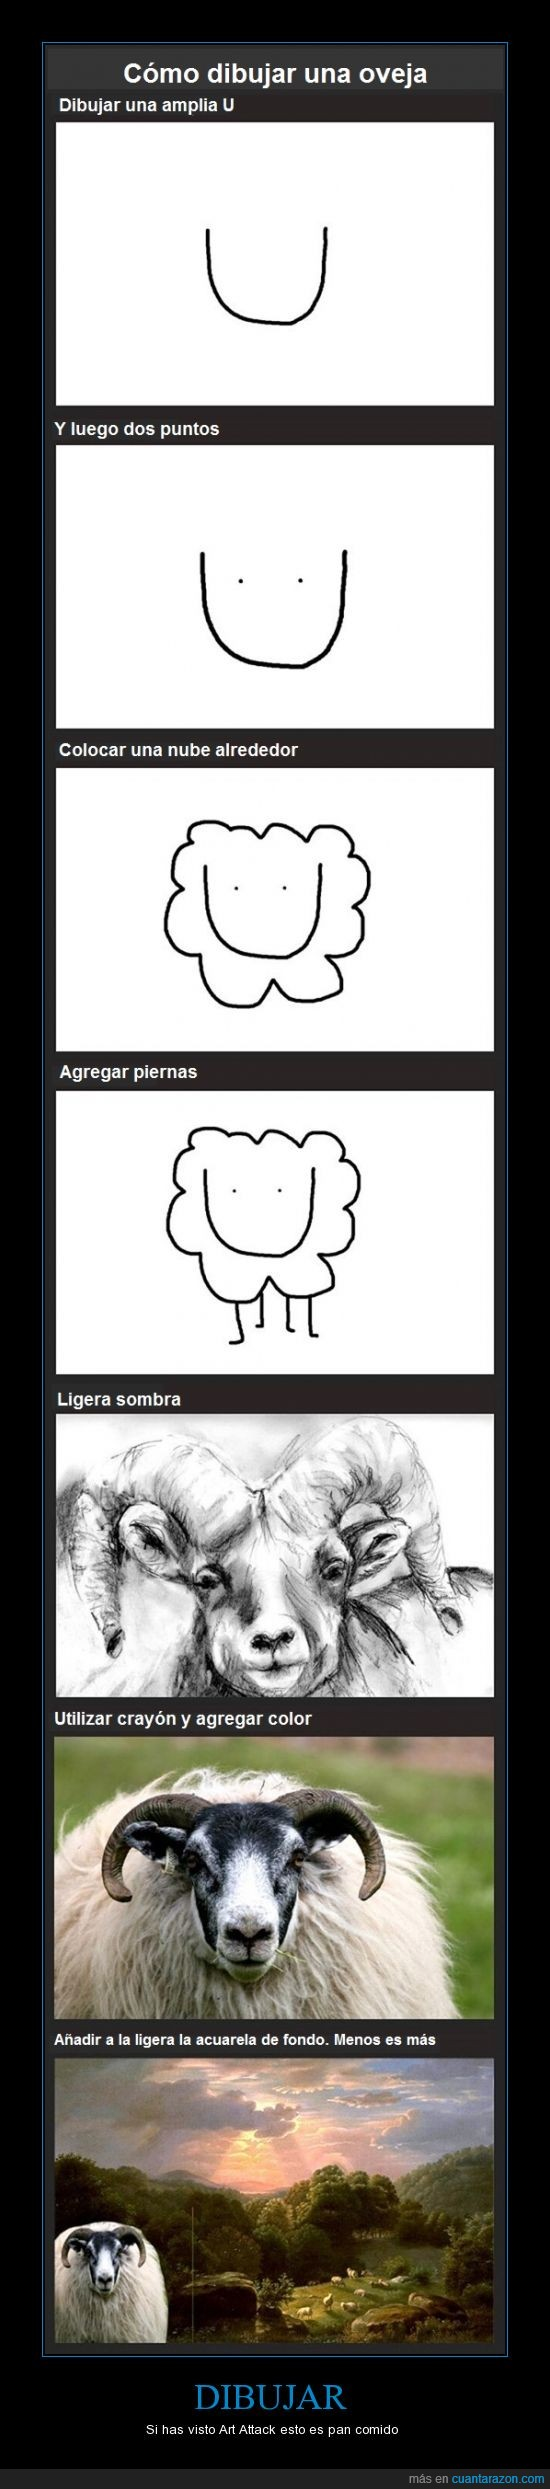 art attack,cómo hacerlo,dibujar,oveja,parece fácil